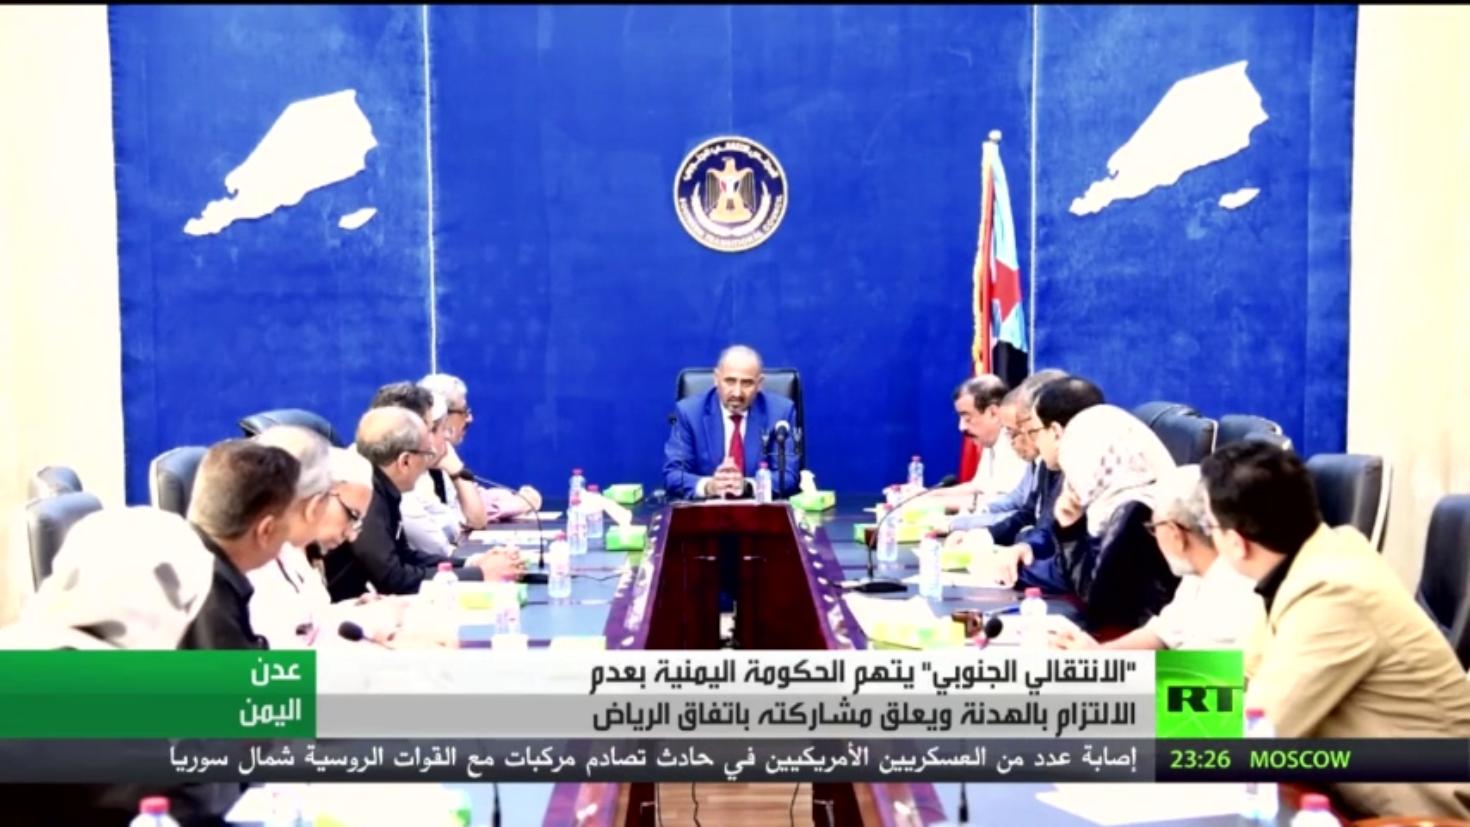 المجلس الانتقالي ومصير تنفيذ اتفاق الرياض